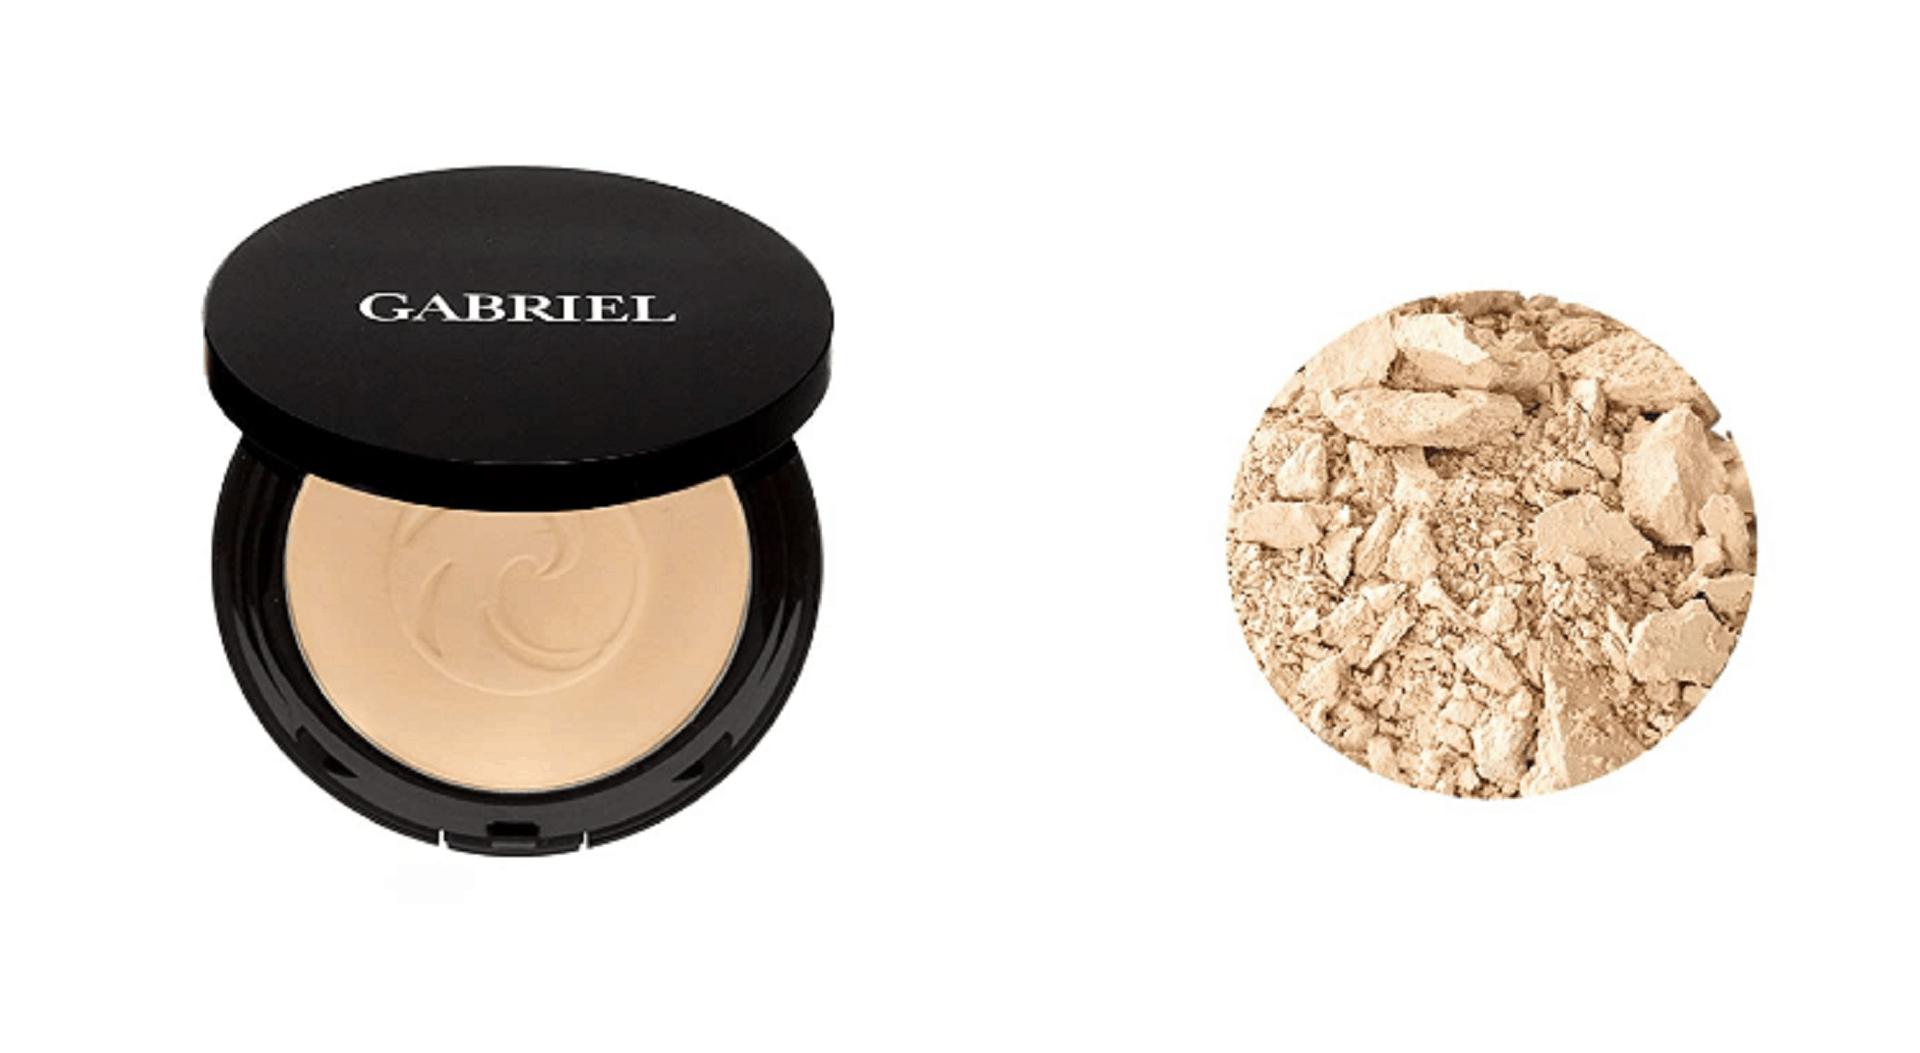 gabriel cosmetics powder foundation